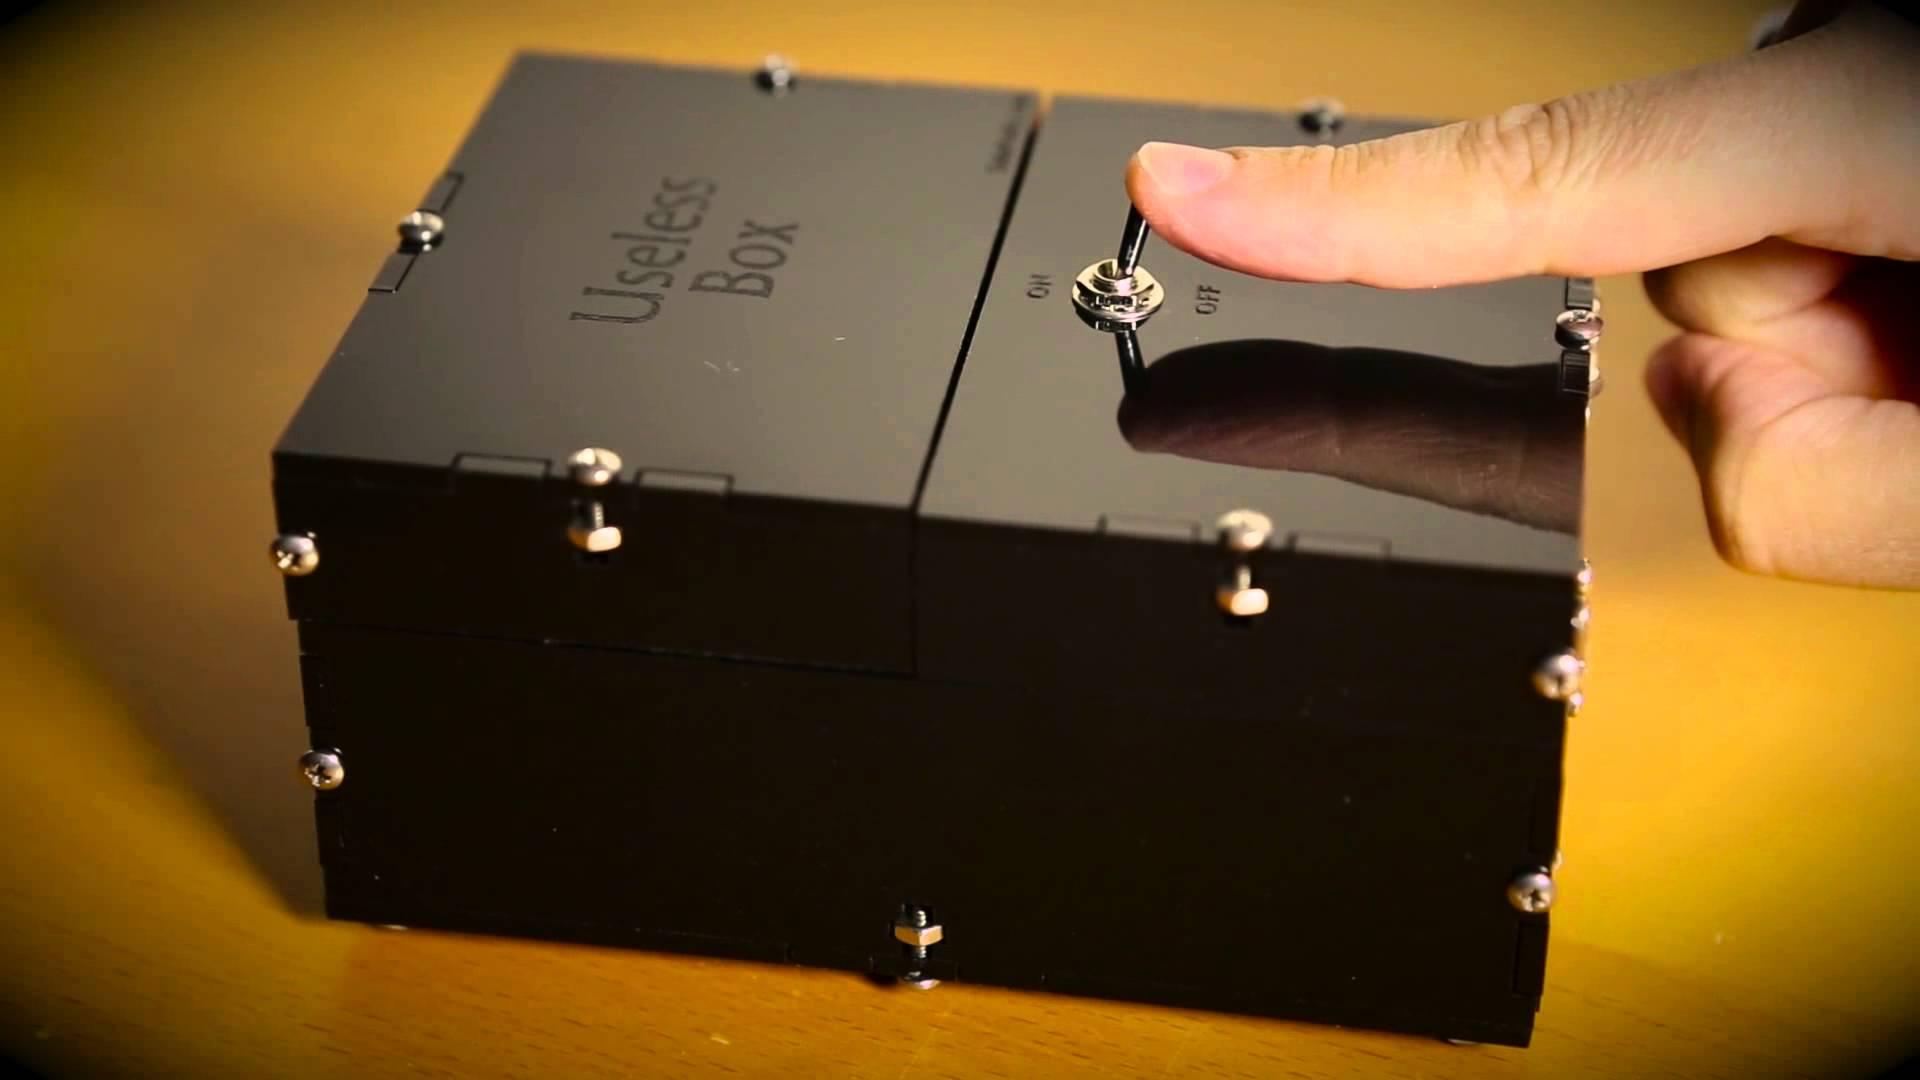 Самая бесполезная вещь в мире - бесполезная коробка USELESS BOX KIT Обзор товаров, прикольные и необычные товары, вещи, штуки, г